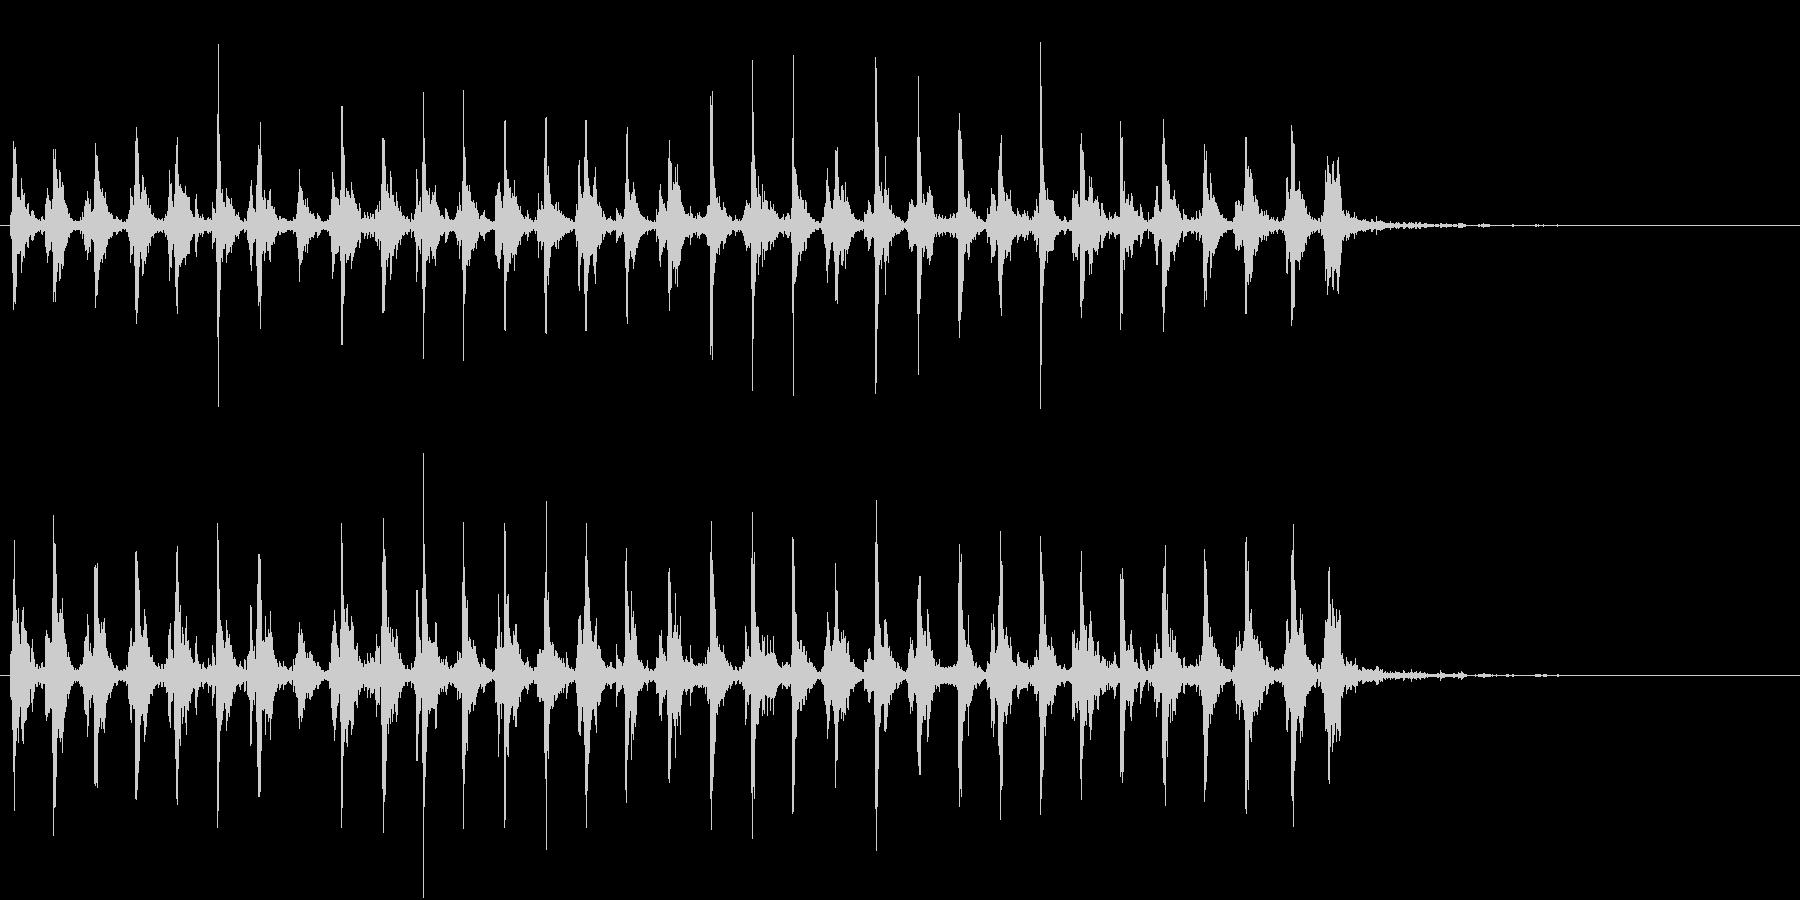 Xmasに最適トナカイベルのループ音03の未再生の波形